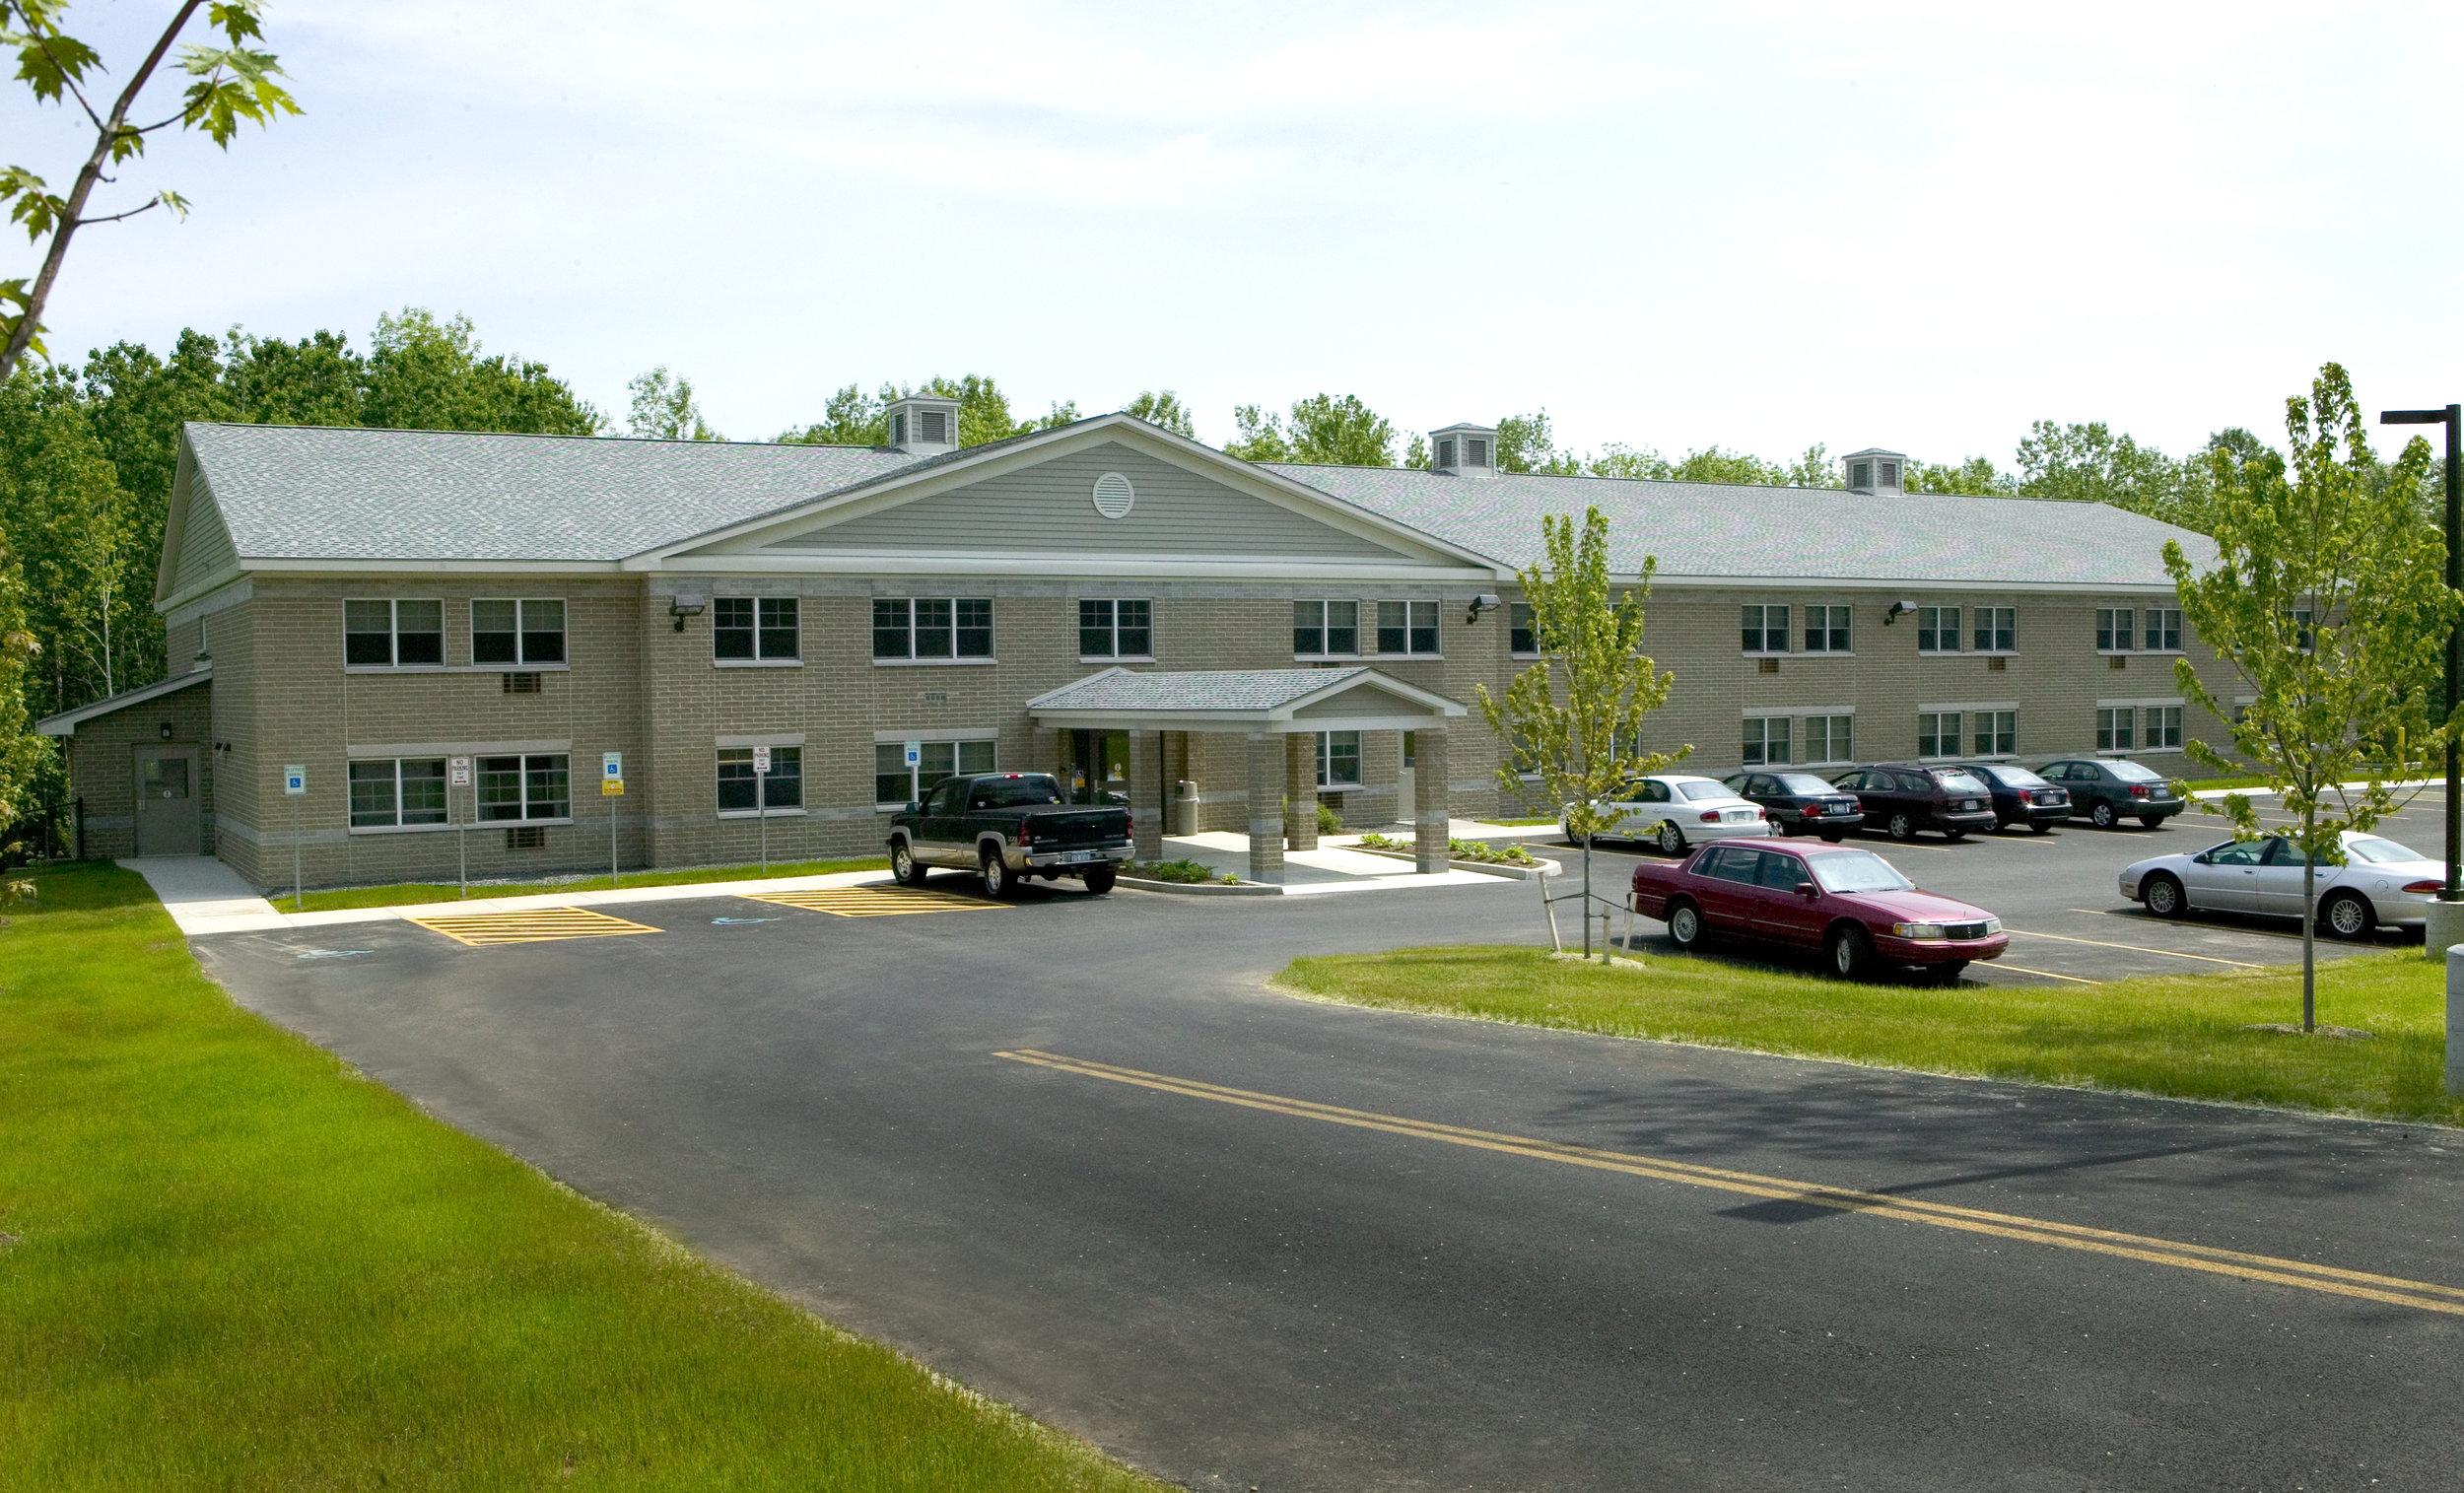 O'Brien Road Senior Apartments